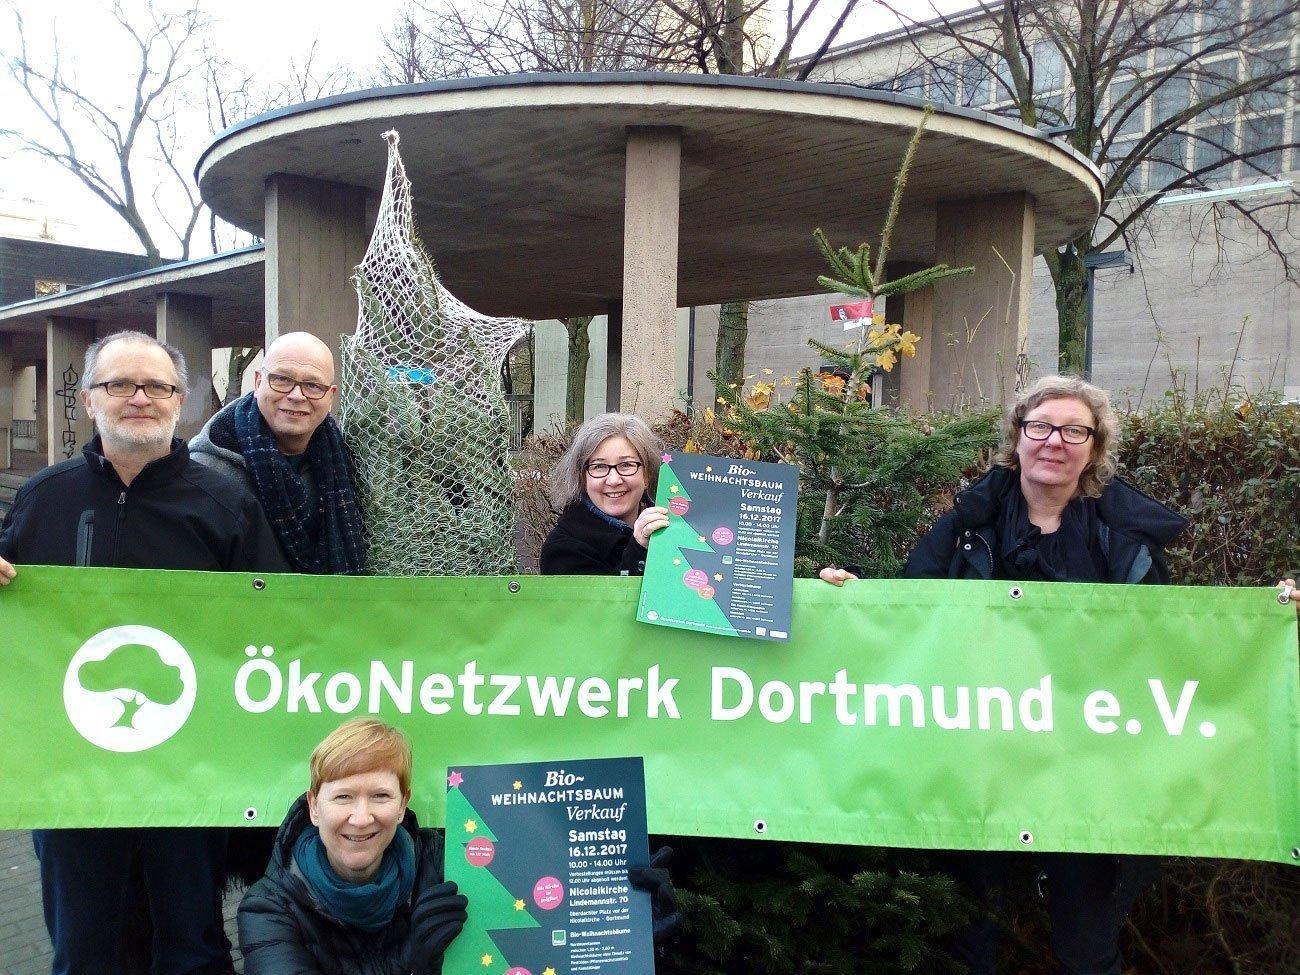 Tannenbaum Kaufen Dortmund.Bioweihnachtsbaum Verkauf An Der Lindemannstraße In Stadtmagazine